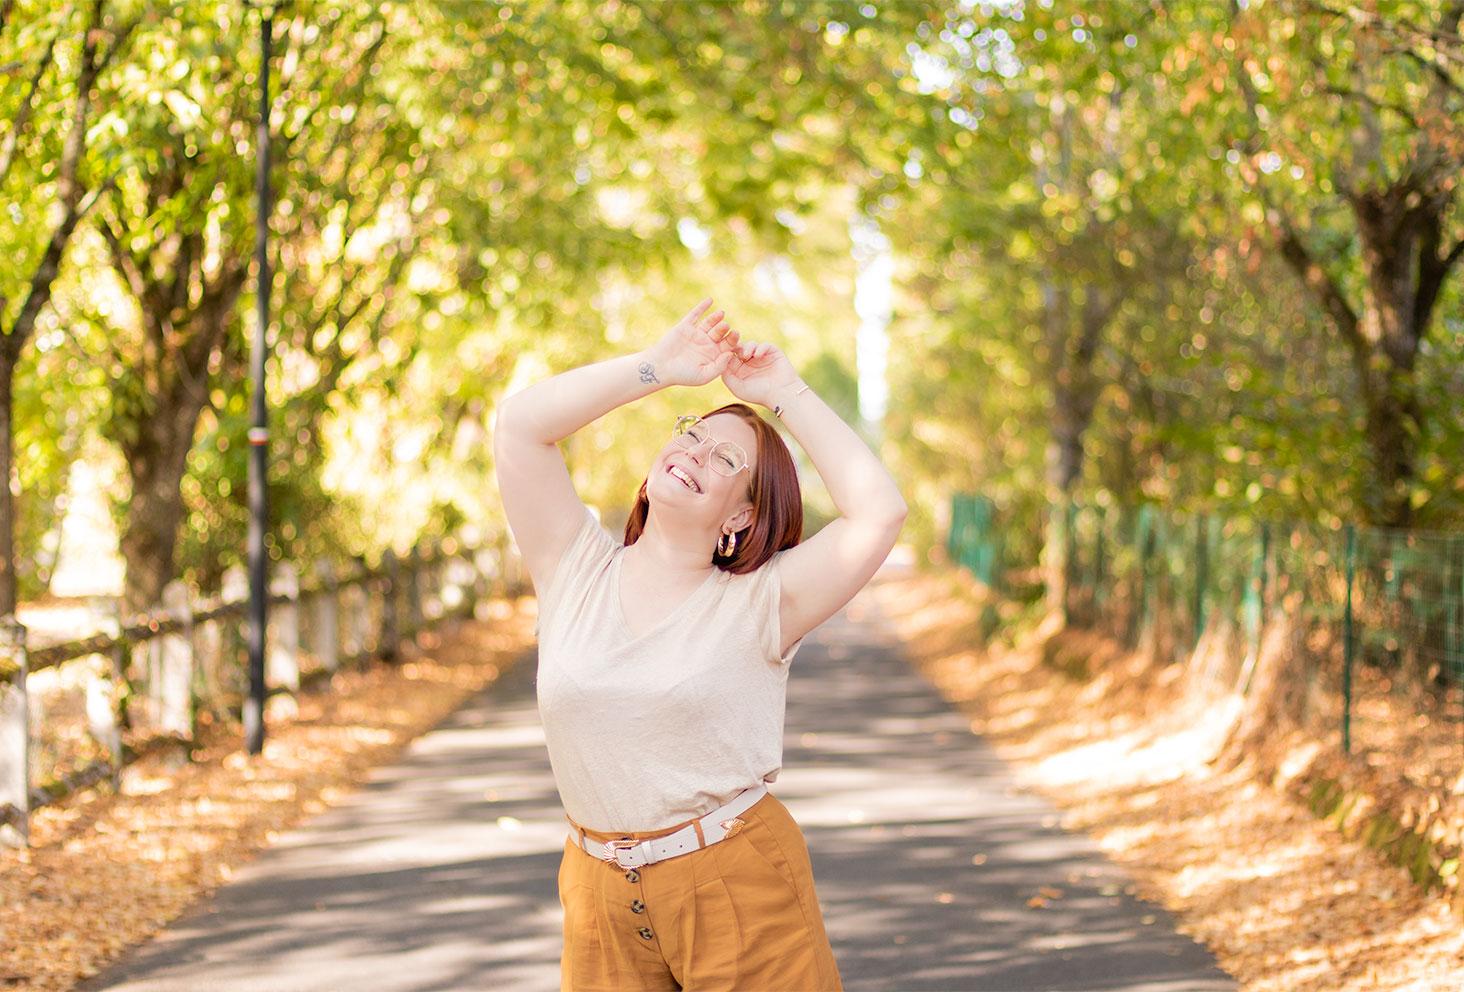 Les bras levés au dessus de la tête avec le sourire, en t-shirt beige, au milieu d'une rue d'automne